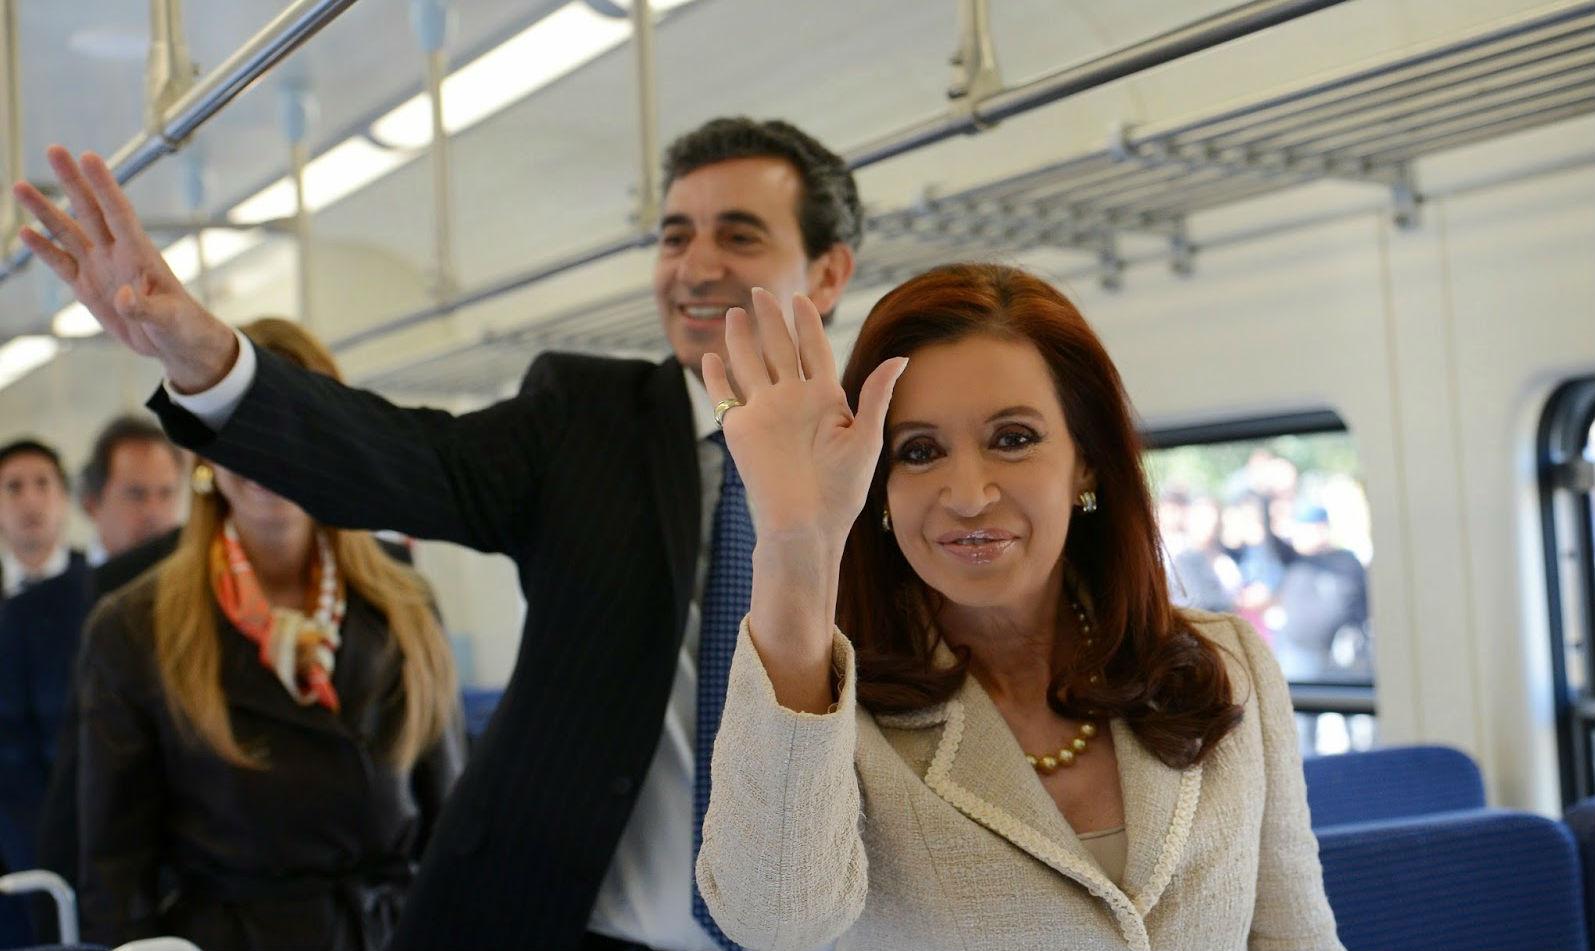 Elecciones 2017: La candidatura de Cristina cada vez más cerca de confirmarse